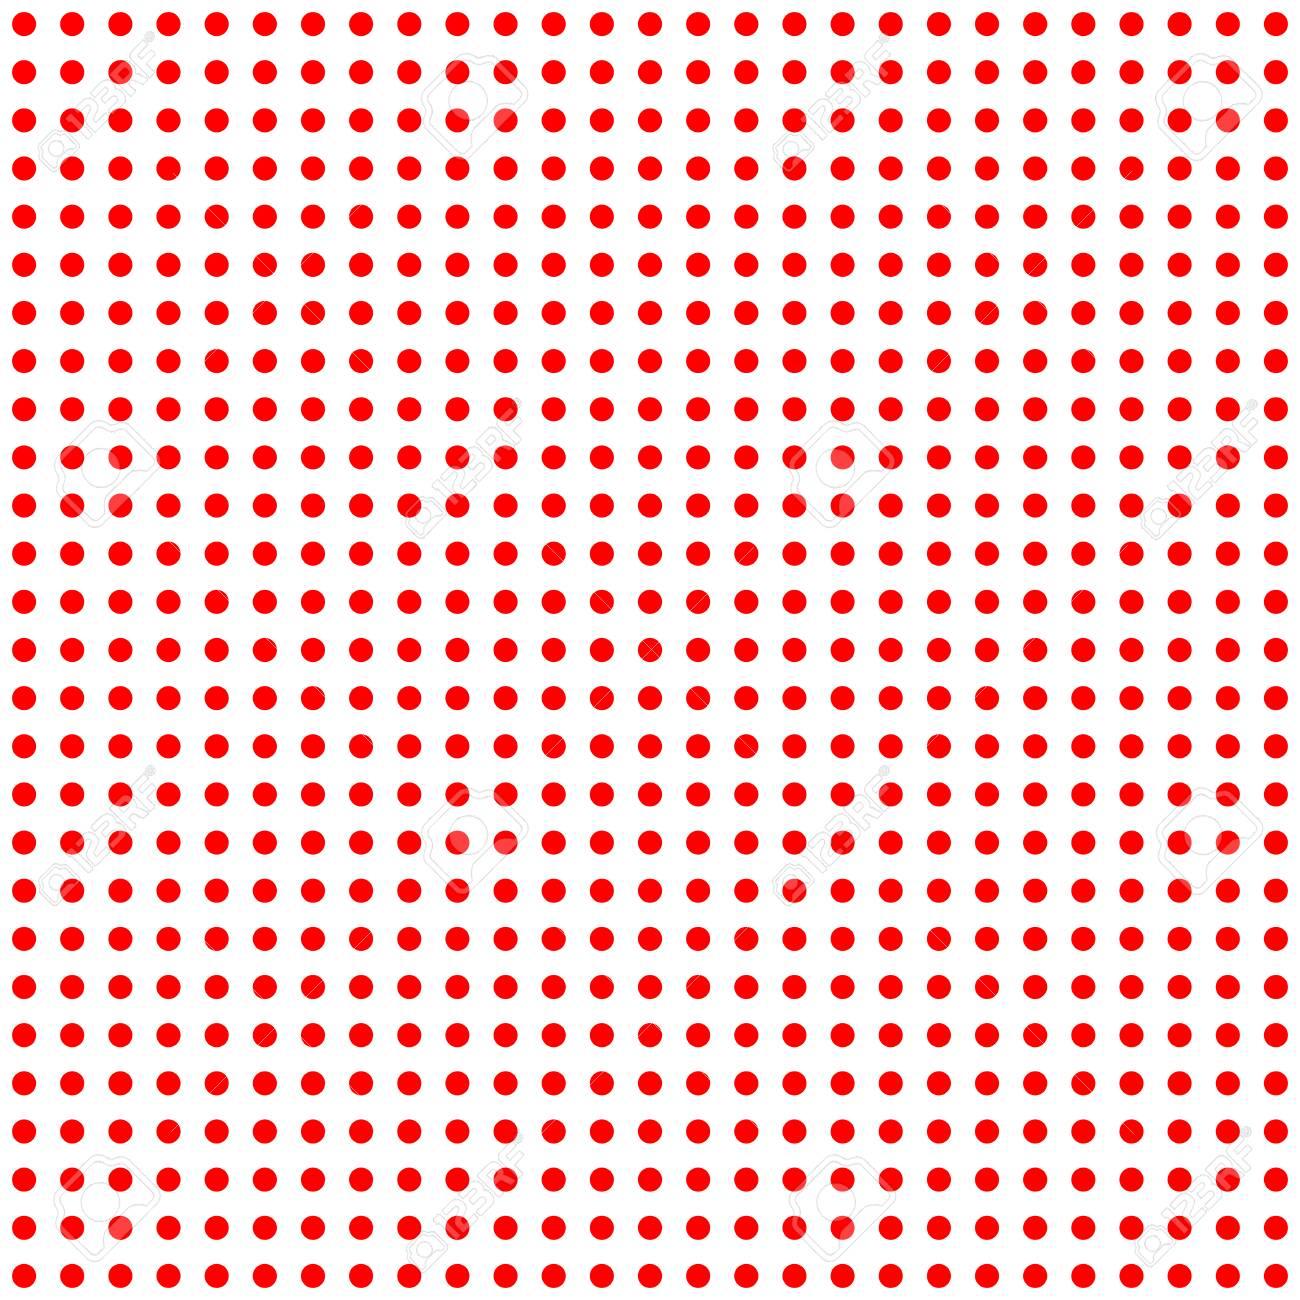 Fondo de puntos rojos